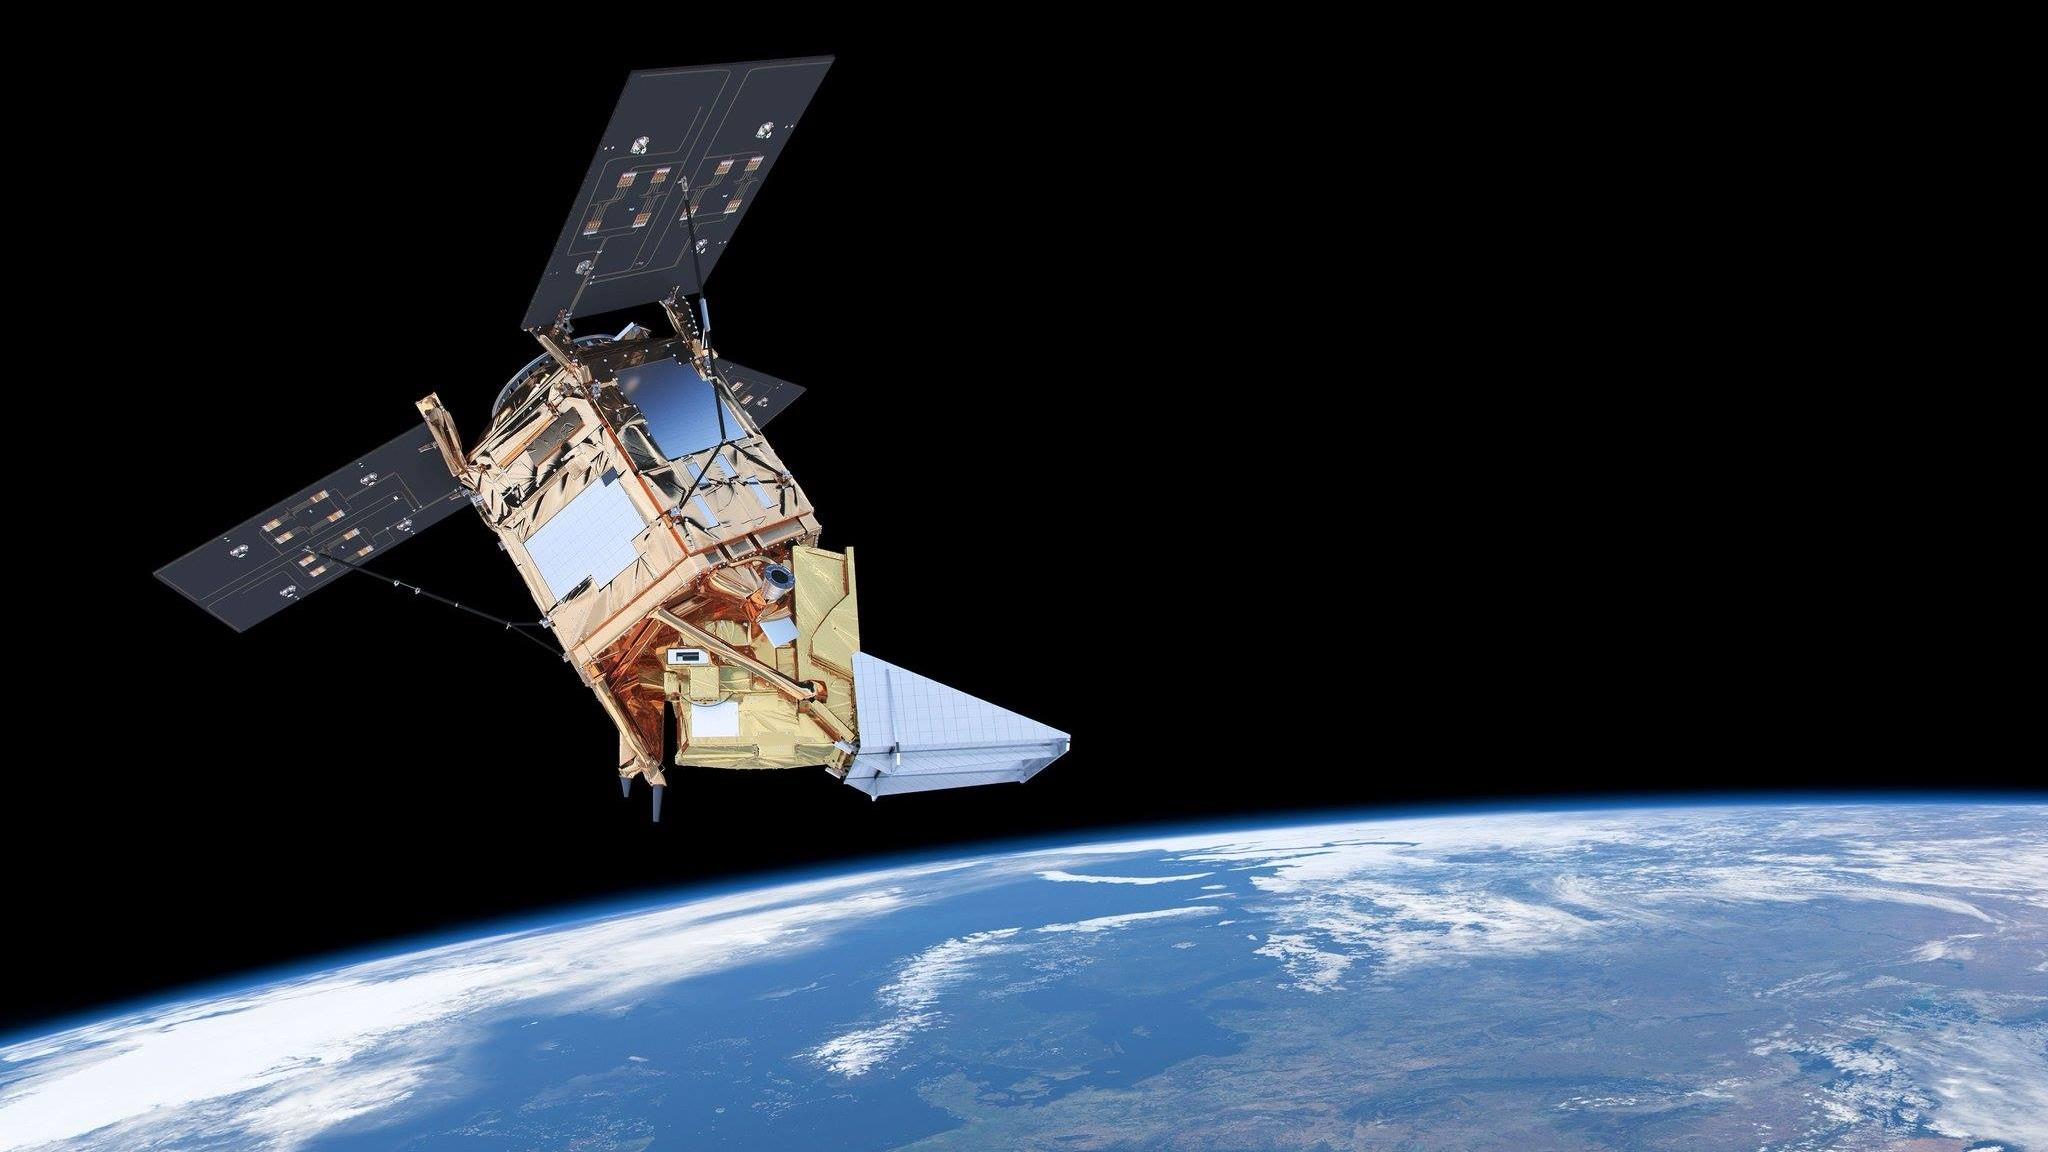 El satélite Sentinel 5 es destinado para monitorear la calidad del aire.